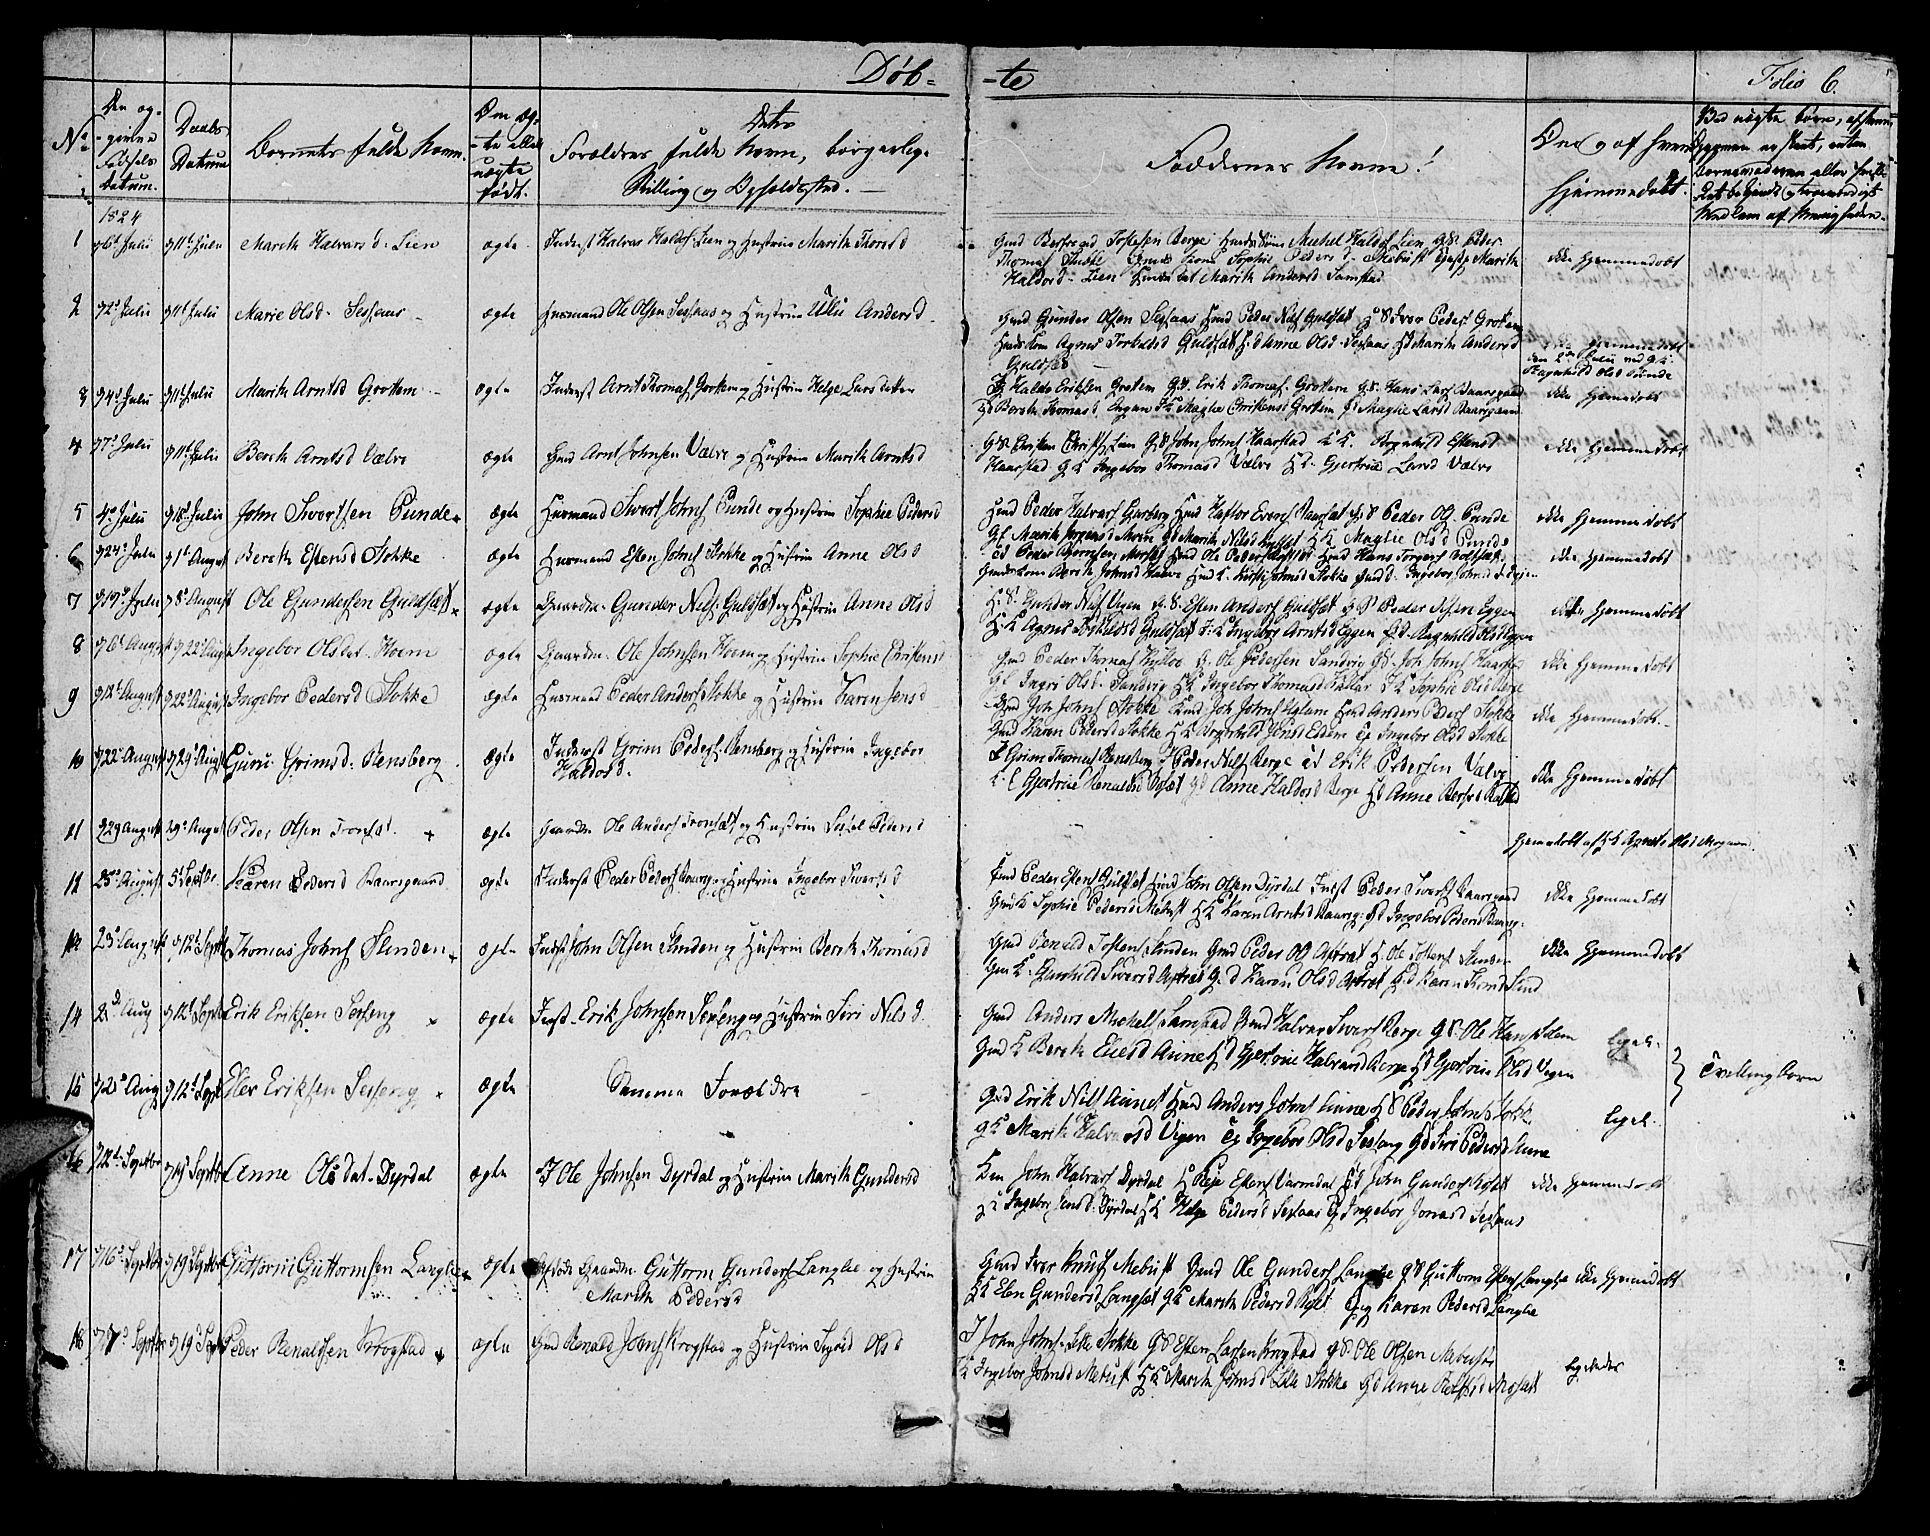 SAT, Ministerialprotokoller, klokkerbøker og fødselsregistre - Sør-Trøndelag, 695/L1143: Ministerialbok nr. 695A05 /1, 1824-1842, s. 6